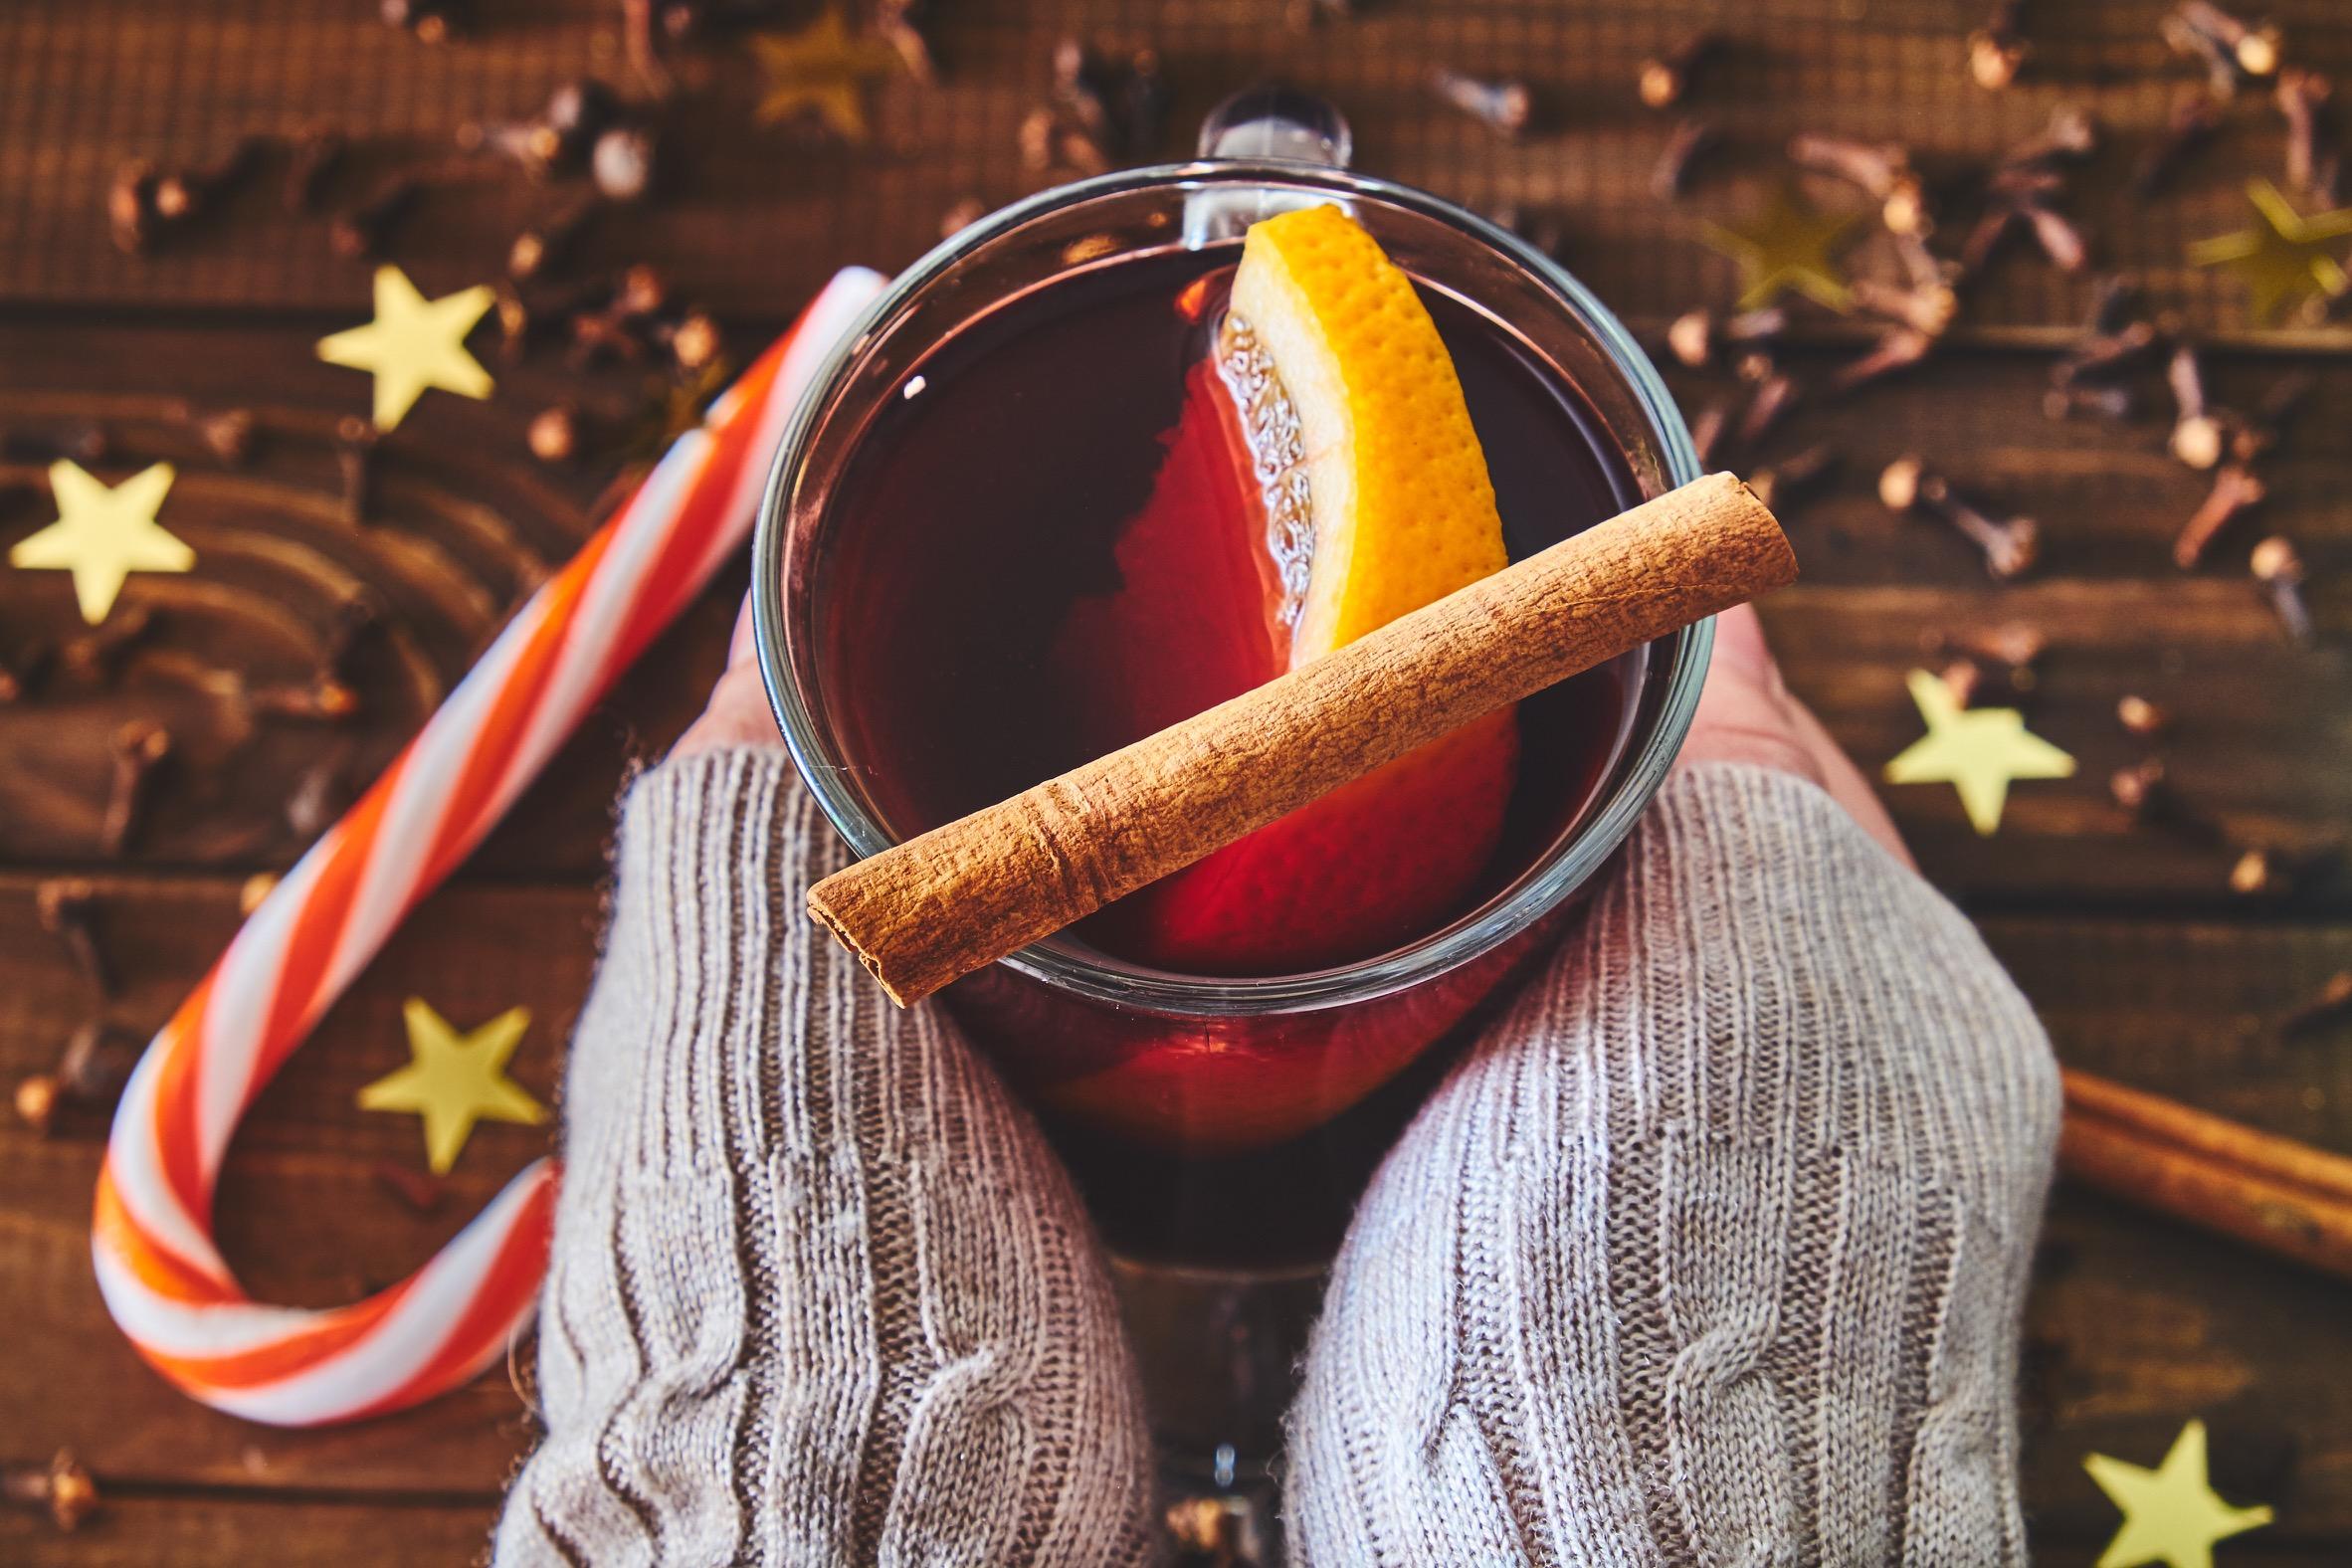 寒い日はホットワインで決まり!おいしく飲むポイントは?